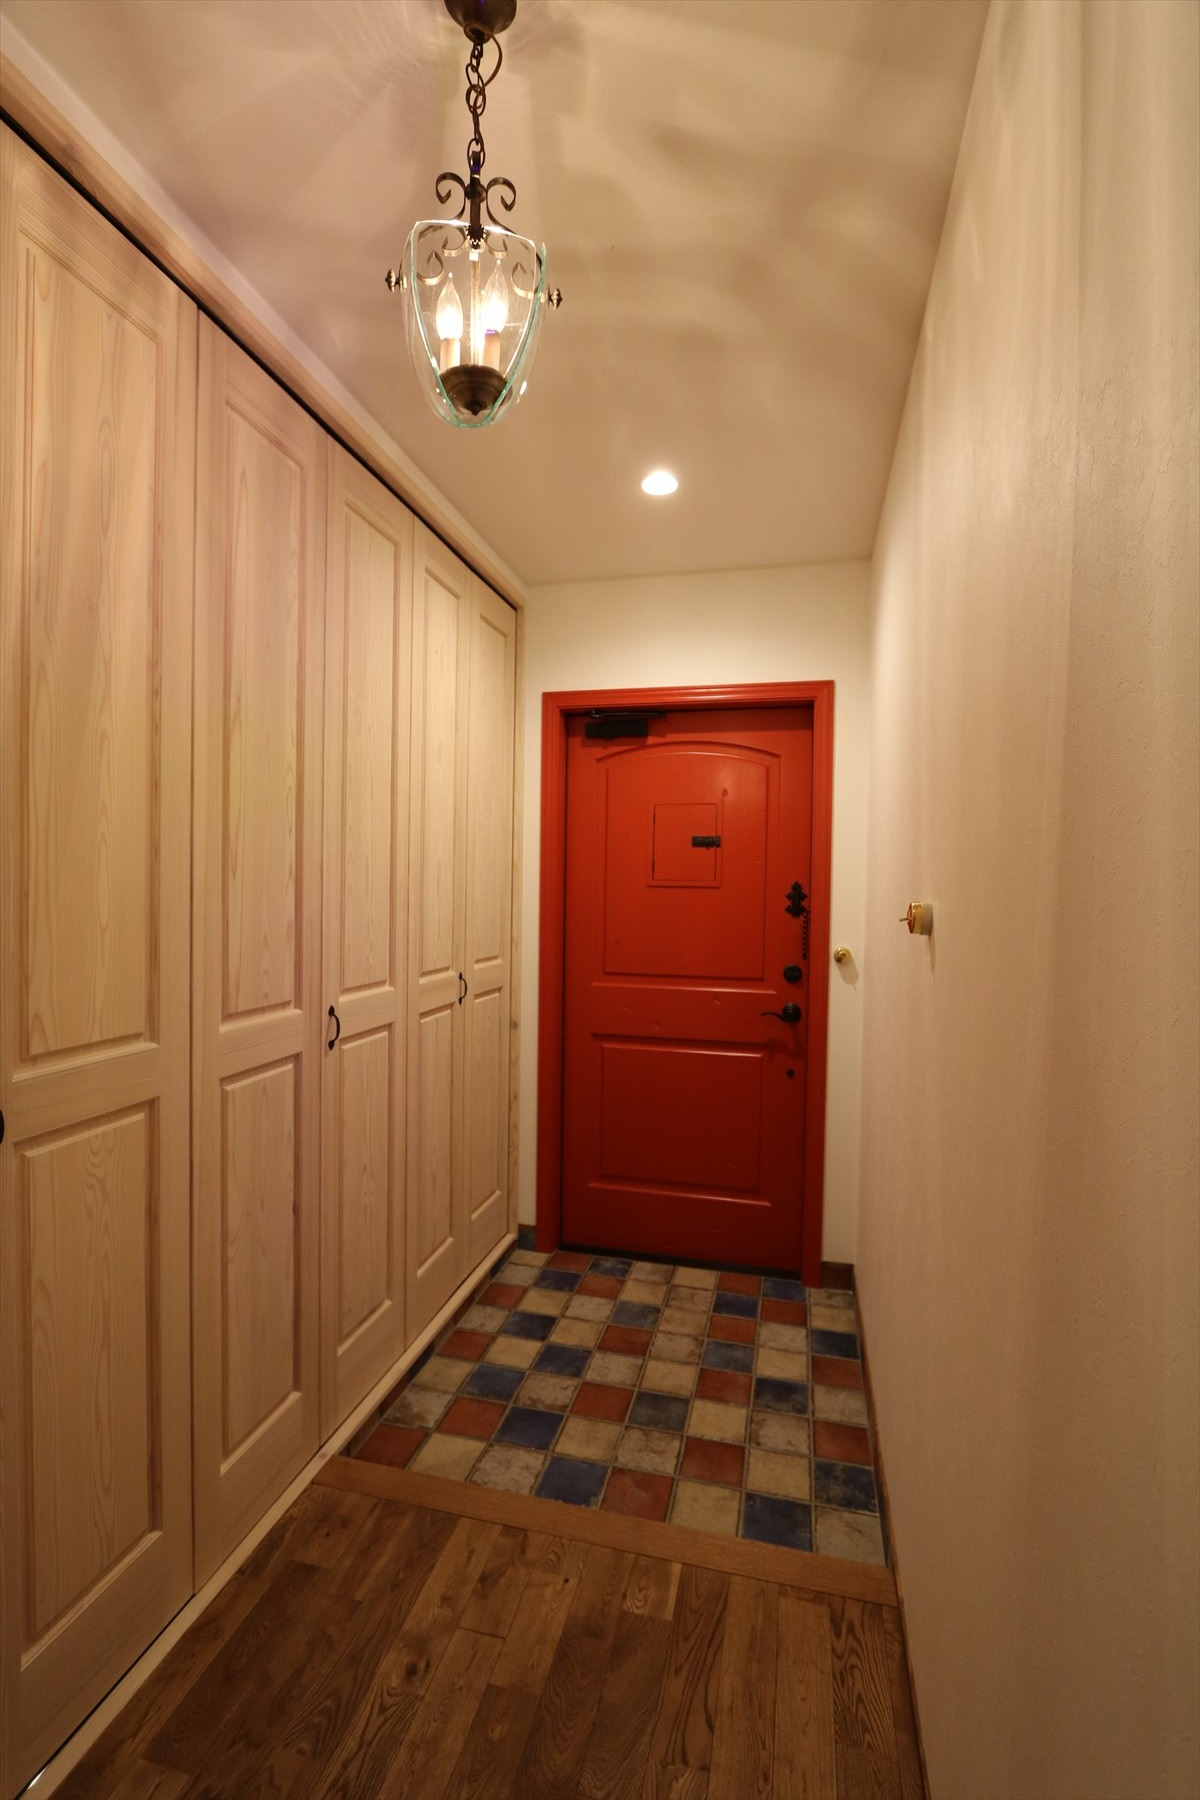 カリフォルニアスタイル2|石川県金沢市の注文住宅・デザイン性・新築の家・戸建て|E-HOUSE